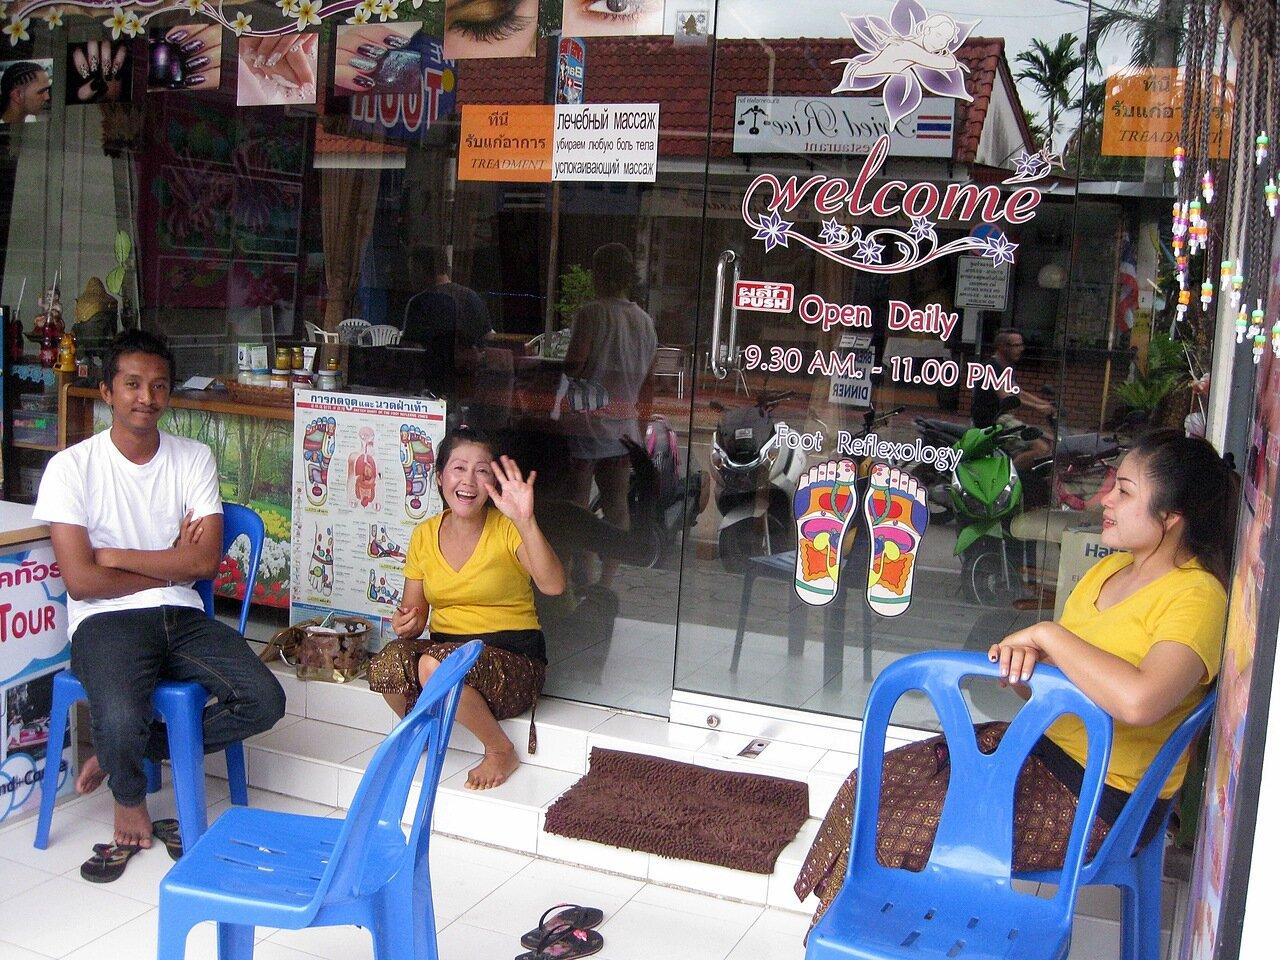 Цены на массаж. Пхукет, Таиланд - владелец фото http://www.netzim.ru/